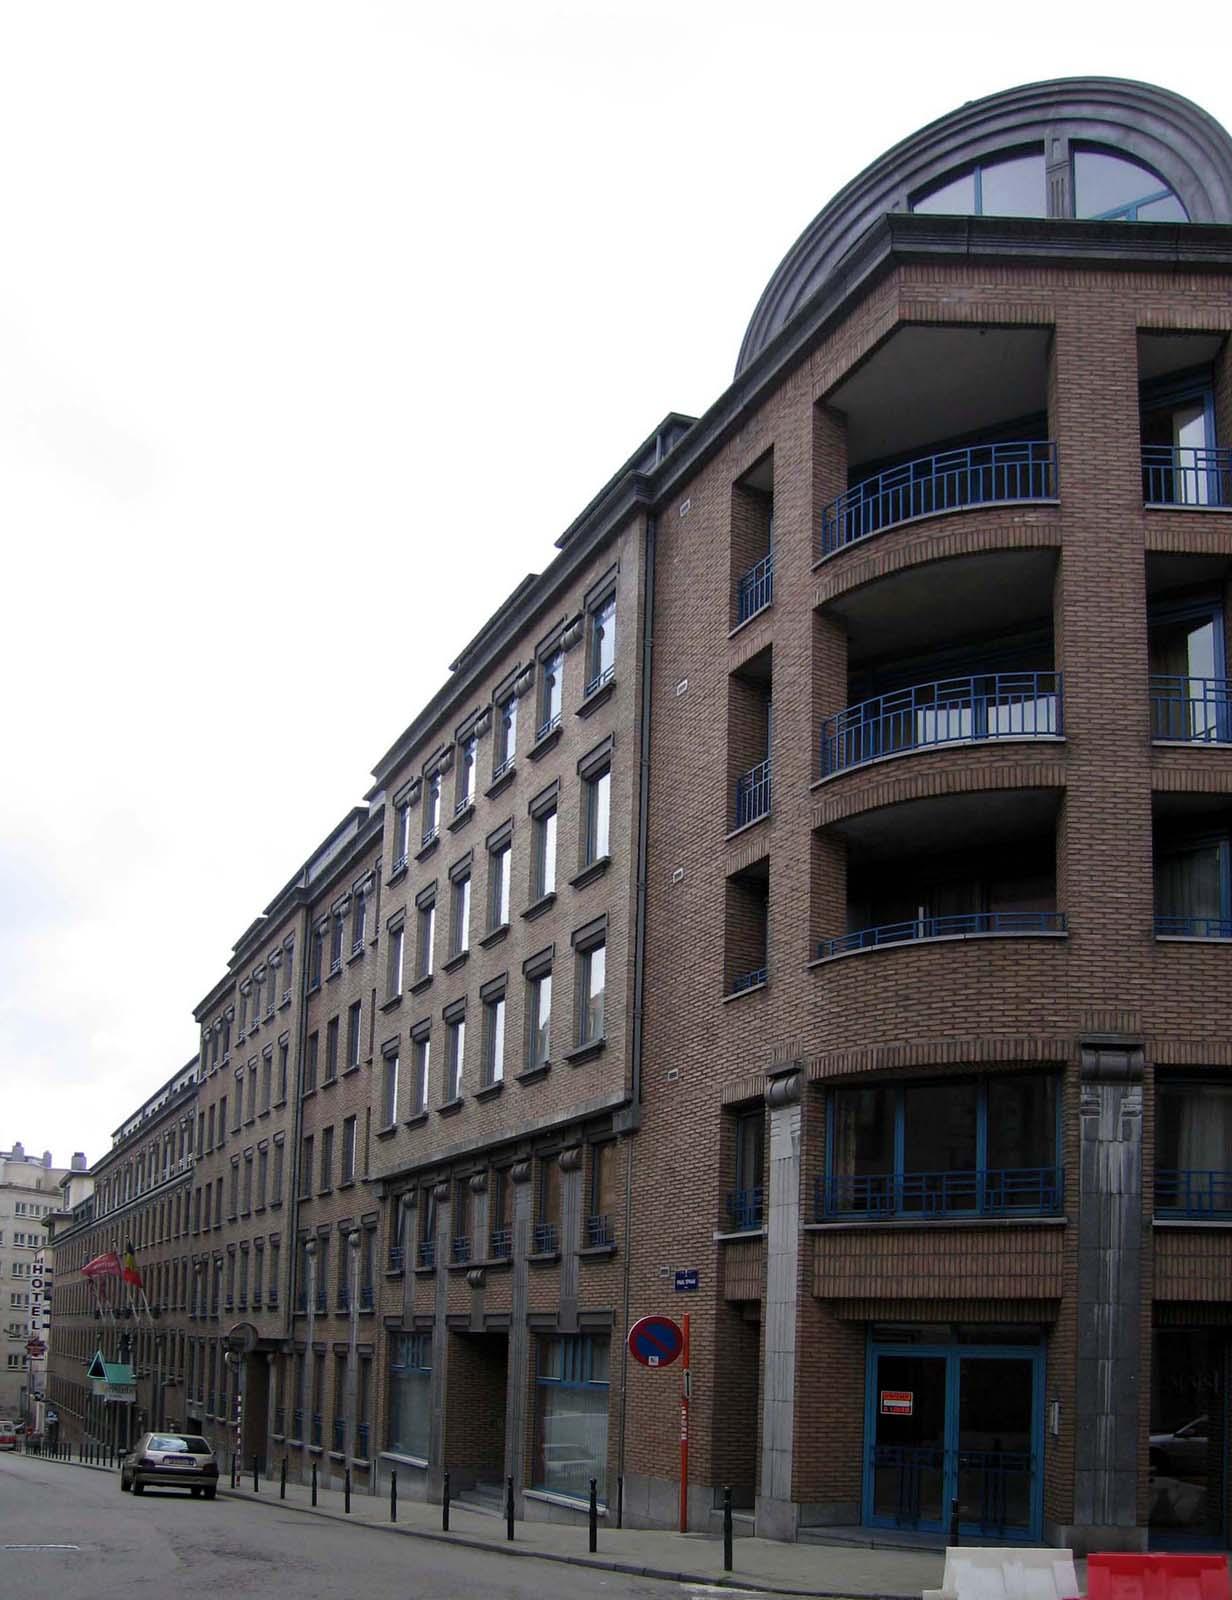 Paul Spaakstraat 35 tot 1, zicht vanaf het kruispunt van Verlaatstraat en Kluisstraat